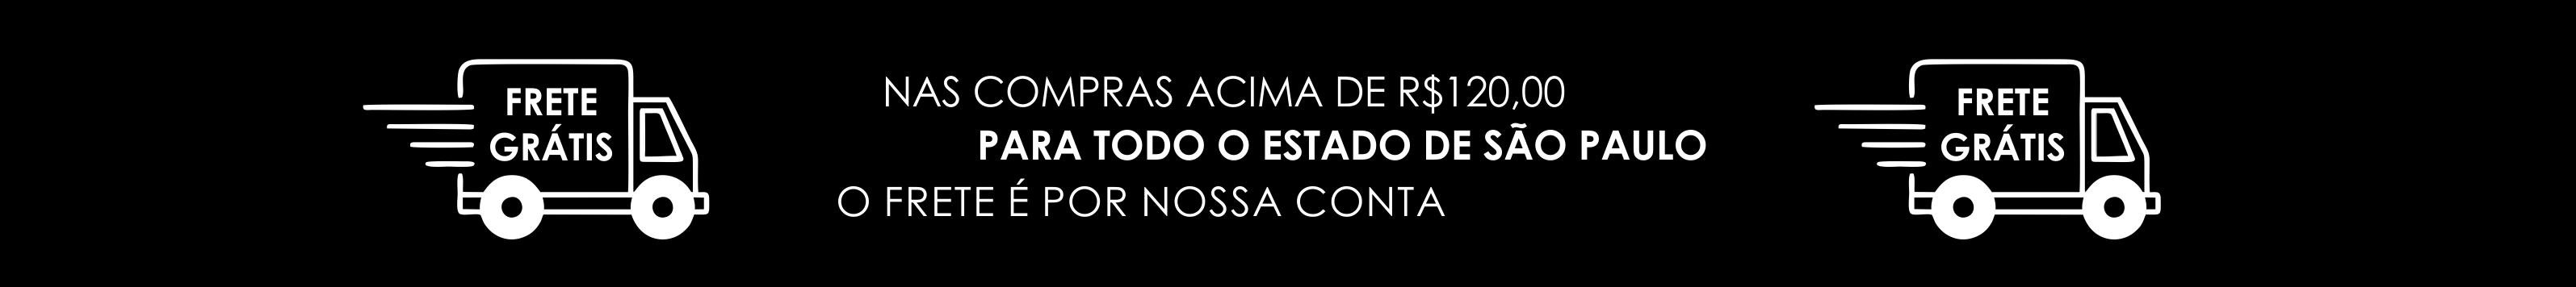 Frete grátis para o estado de São Paulo